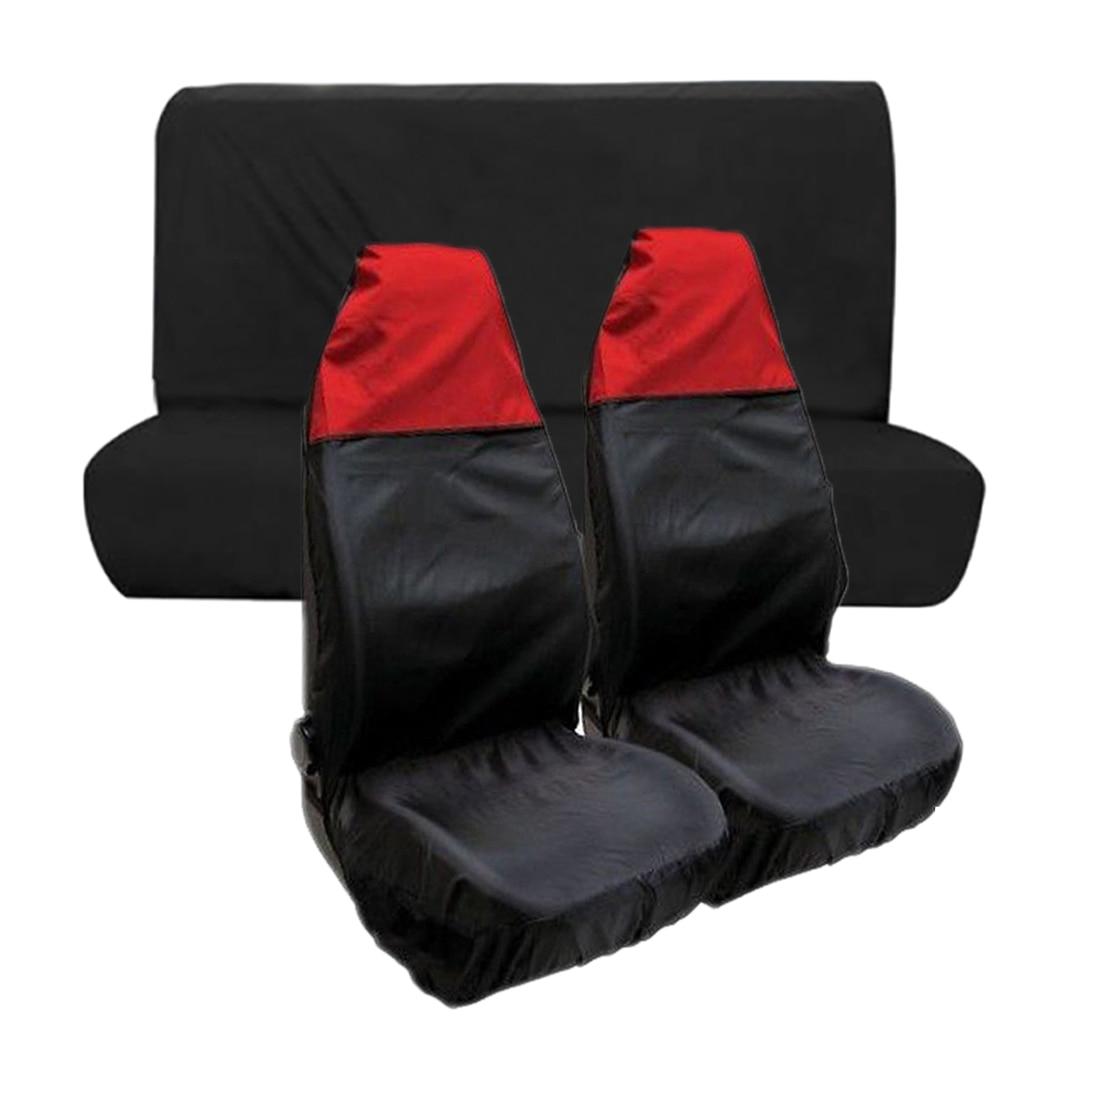 Dewtreetali спереди и сзади сиденья защитные Универсальный Водонепроницаемый нейлон Чехлы водонепроницаемость для Ван авто автомобиль